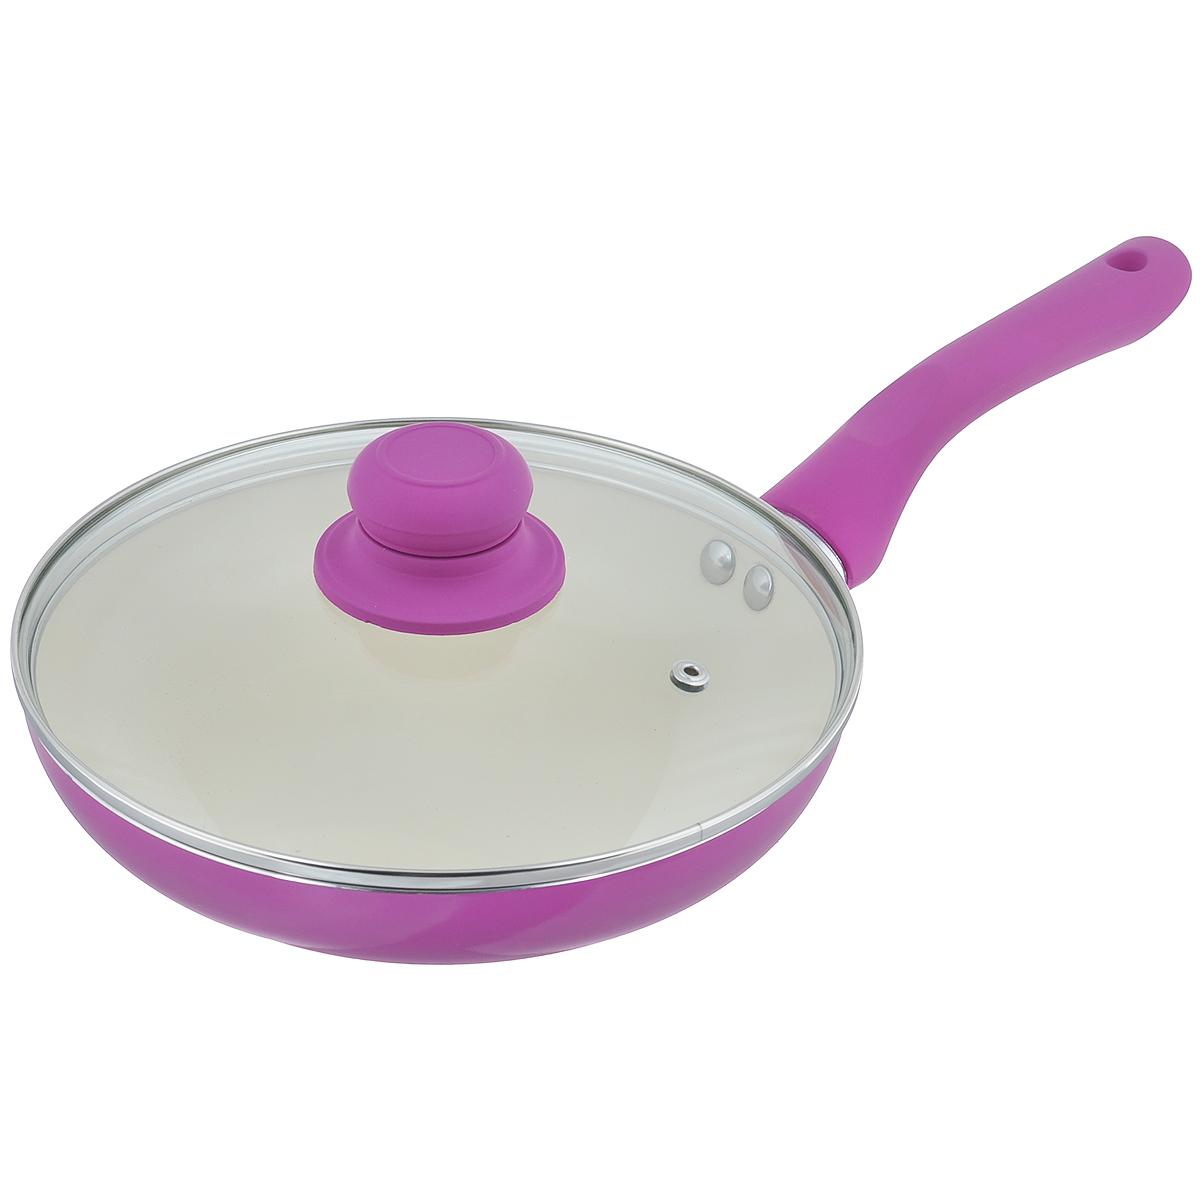 Сковорода Mayer & Boch с крышкой, с керамическим покрытием, цвет: фиолетовый. Диаметр 22 см. 2227422274Сковорода Mayer & Boch изготовлена из алюминия с высококачественным керамическим покрытием. Керамика не содержит вредных примесей ПФОК, что способствует здоровому и экологичному приготовлению пищи. Кроме того, с таким покрытием пища не пригорает и не прилипает к стенкам, поэтому можно готовить с минимальным добавлением масла и жиров. Гладкая, идеально ровная поверхность сковороды легко чистится, ее можно мыть в воде руками или вытирать полотенцем. Эргономичная ручка специального дизайна выполнена из силикона. Сковорода оснащена крышкой из жаропрочного стекла с пароотводом. Сковорода подходит для использования на газовых и электрических плитах. Также изделие можно мыть в посудомоечной машине.